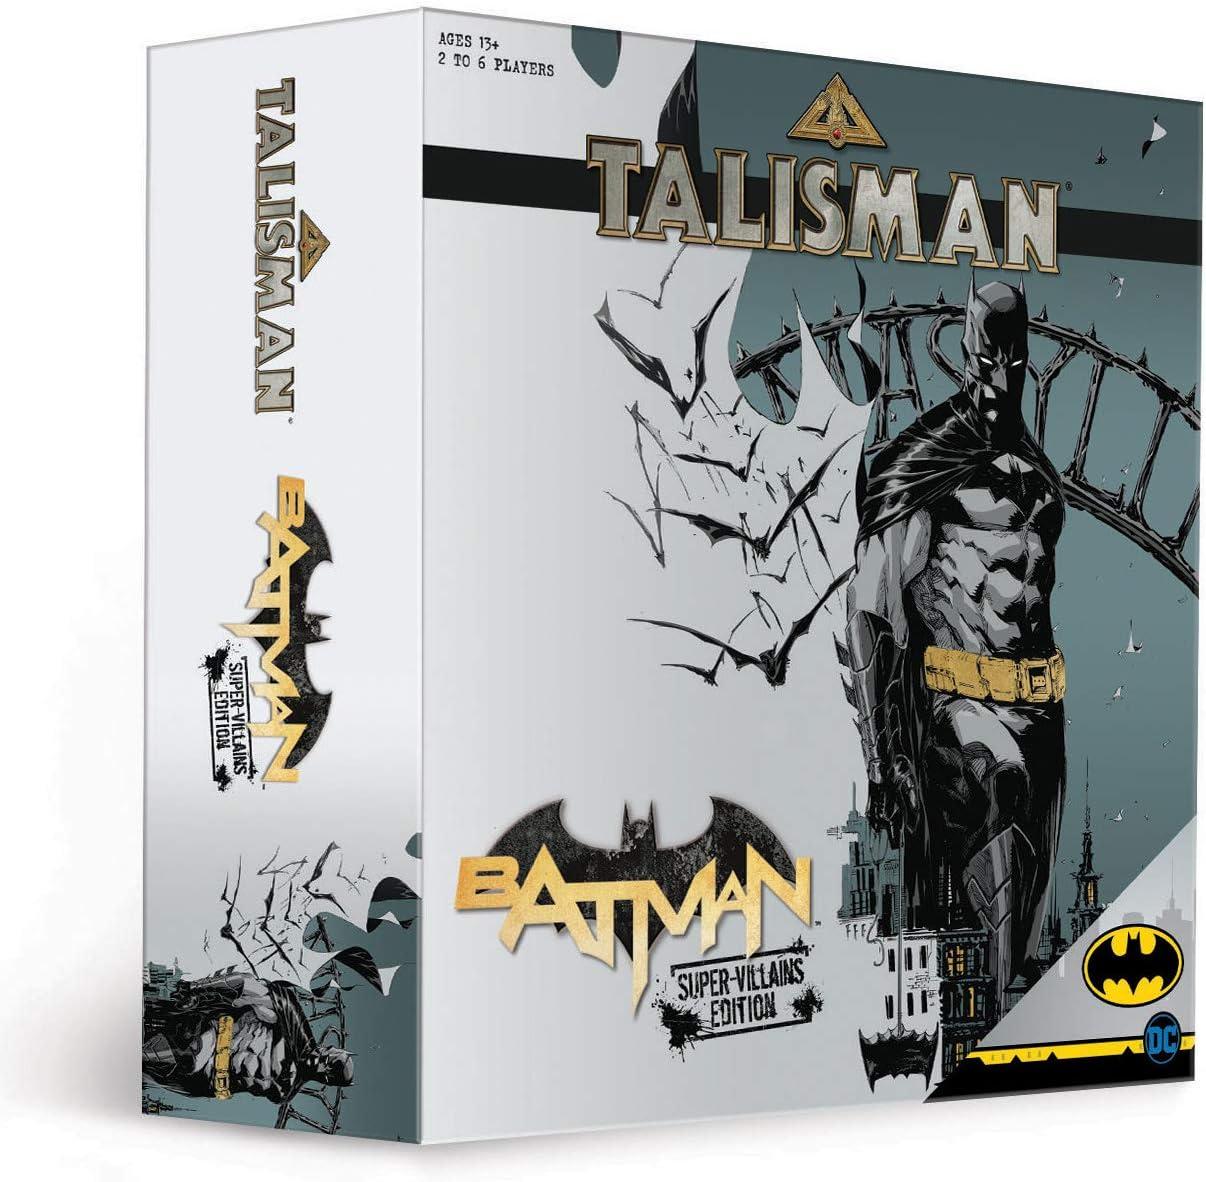 USAopoly Talisman Batman Super-Villains Edition Board Game: Amazon.es: Juguetes y juegos